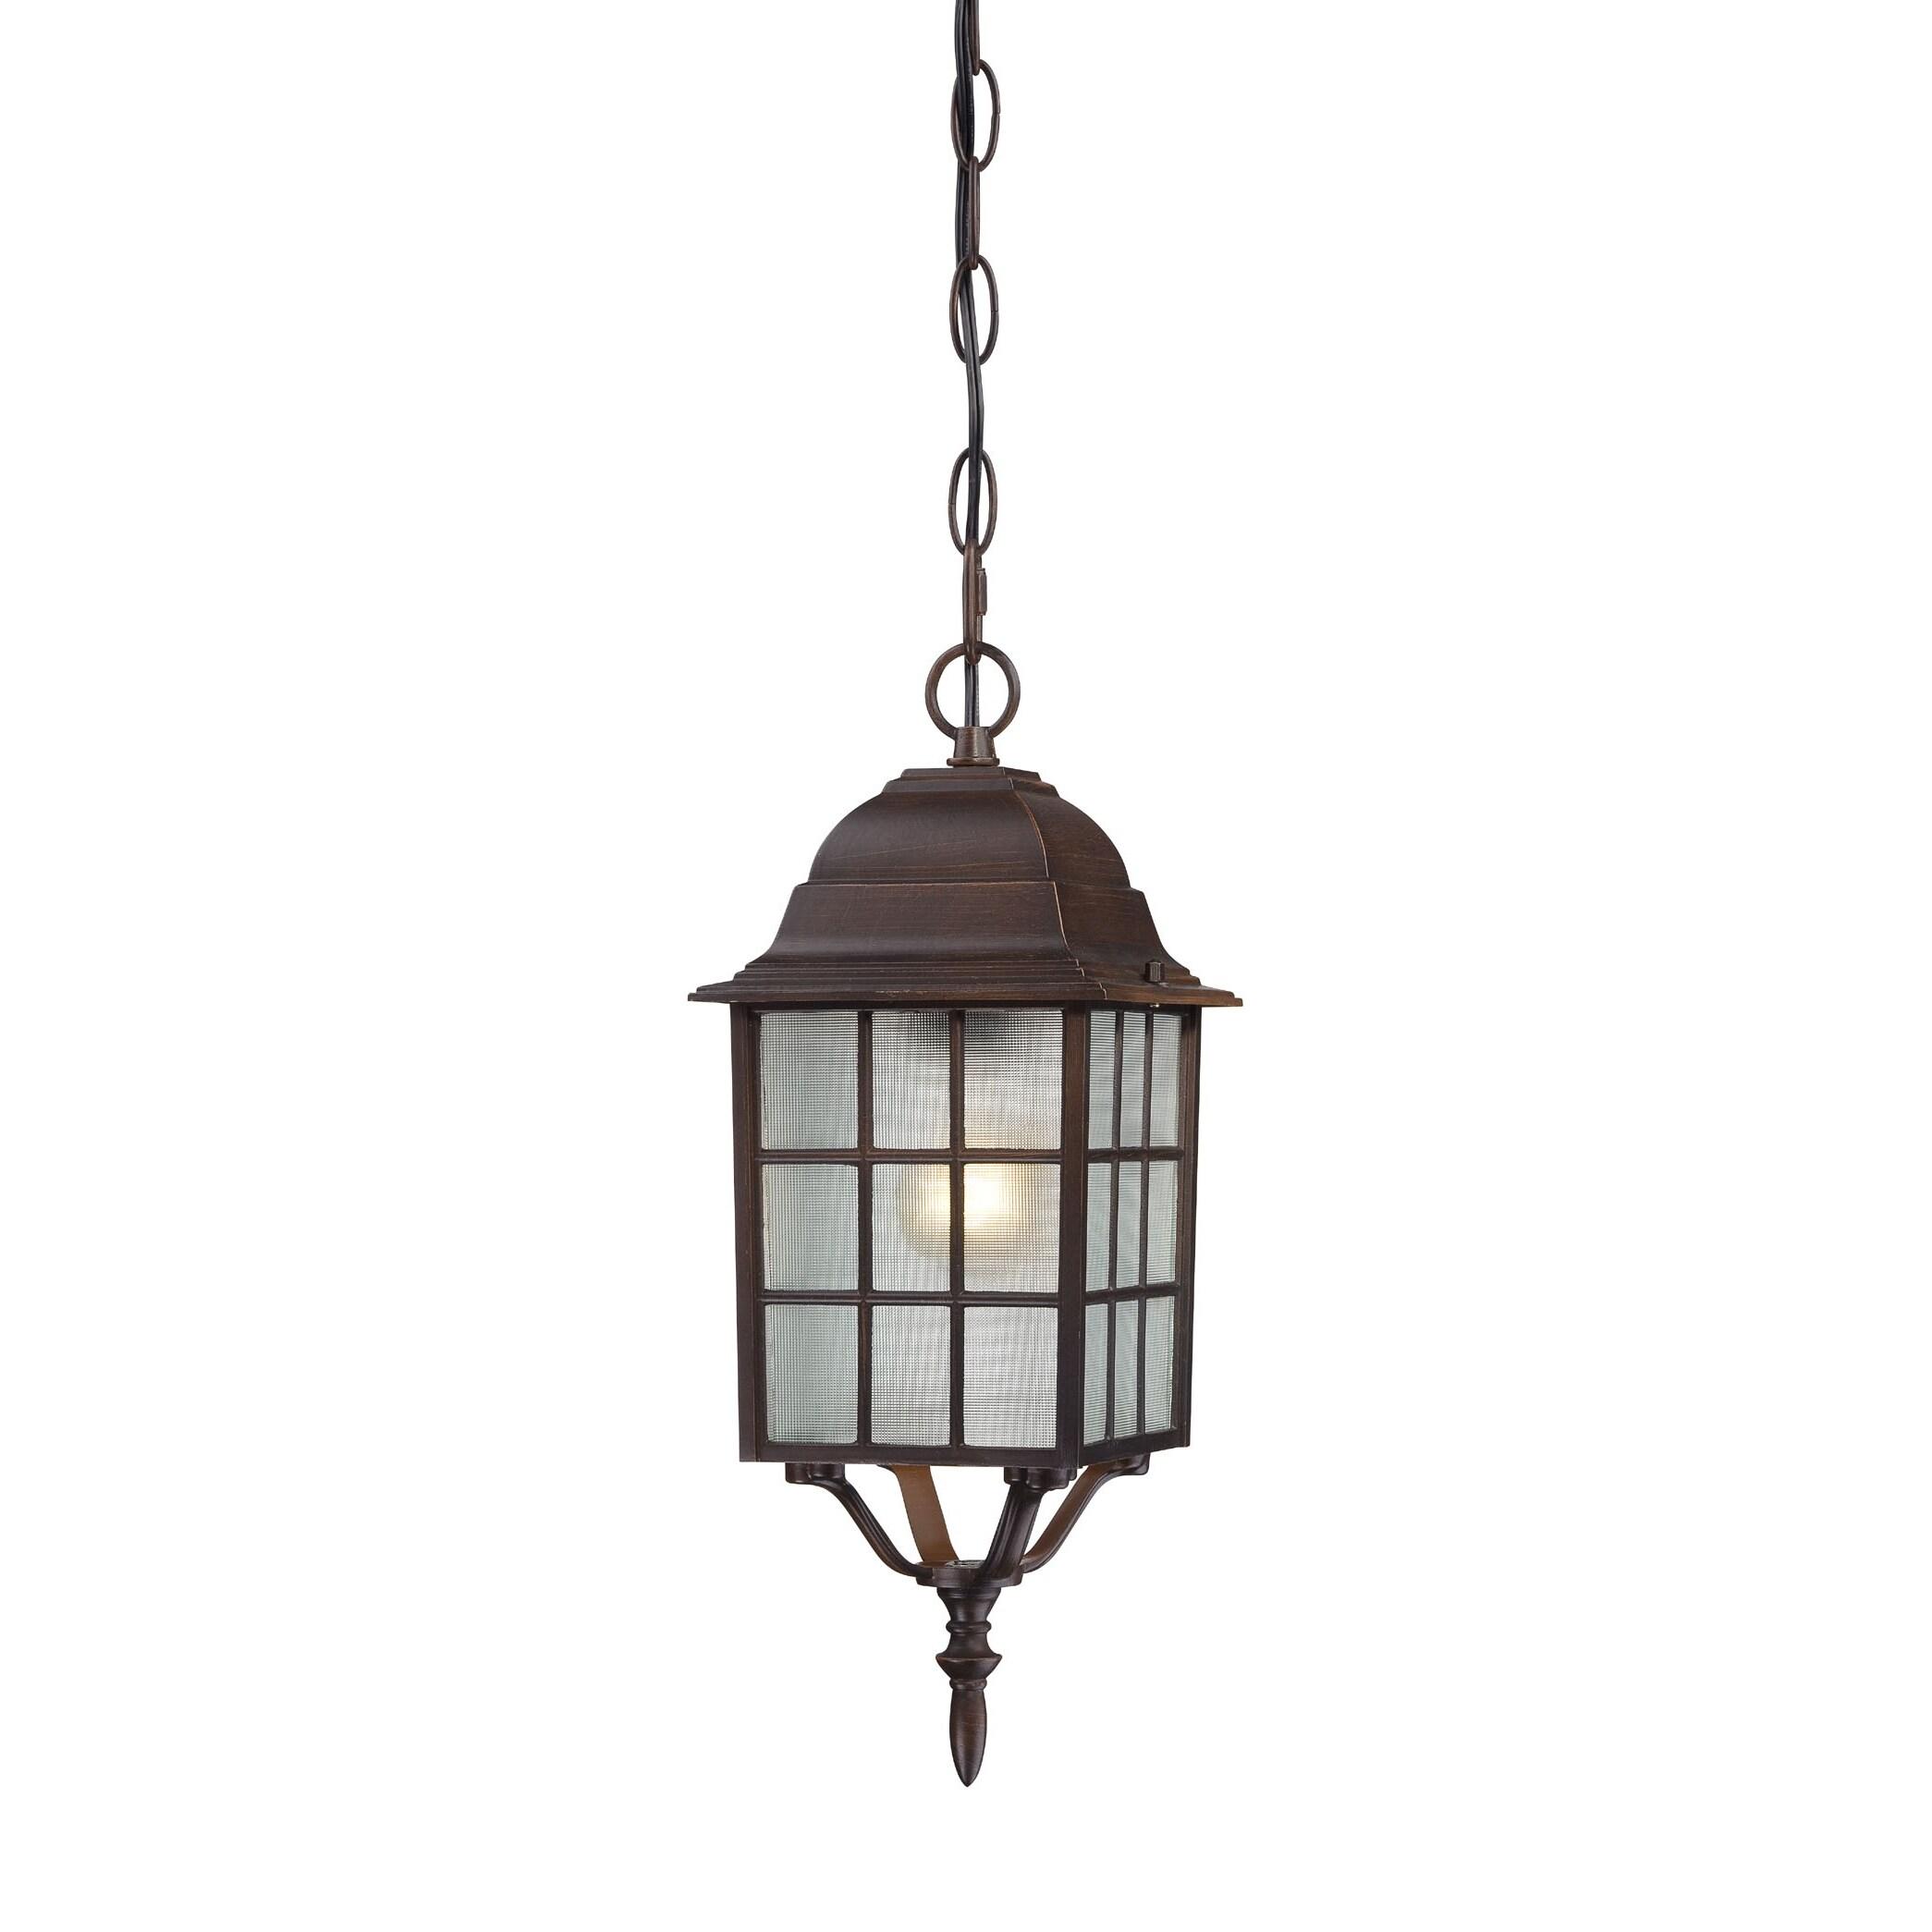 Rustic Outdoor Hanging Light Fixtures 2090 x 2090